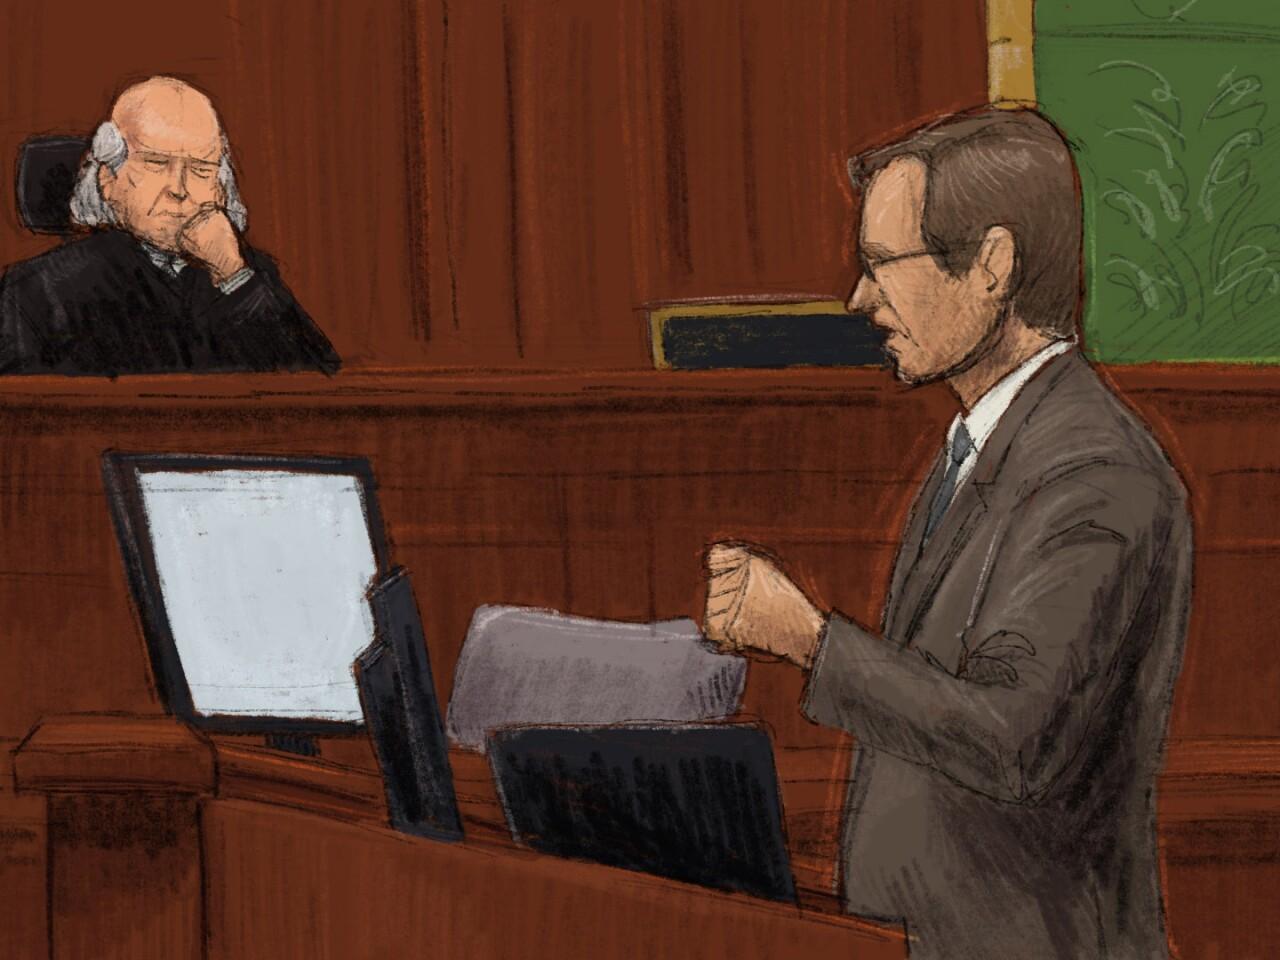 U.S. District Court Judge Michael Barrett and Assistant U.S. Attorney Tim Mangan